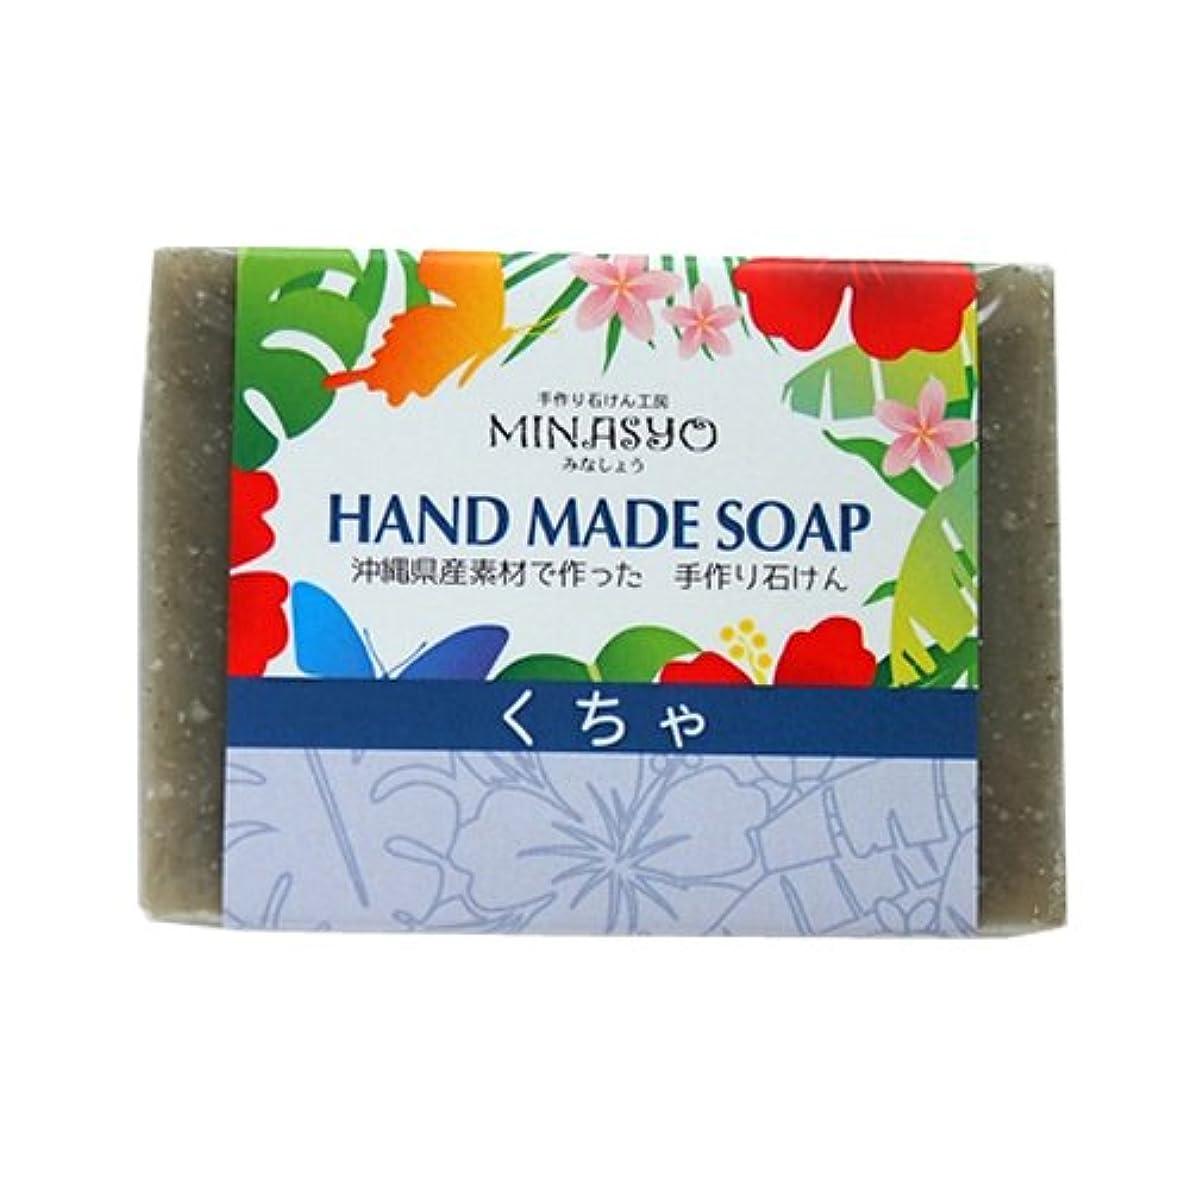 隠爆発喉が渇いた洗顔 石鹸 無添加 沖縄くちゃ みなしょう 手作りくちゃ石鹸 100g×10個